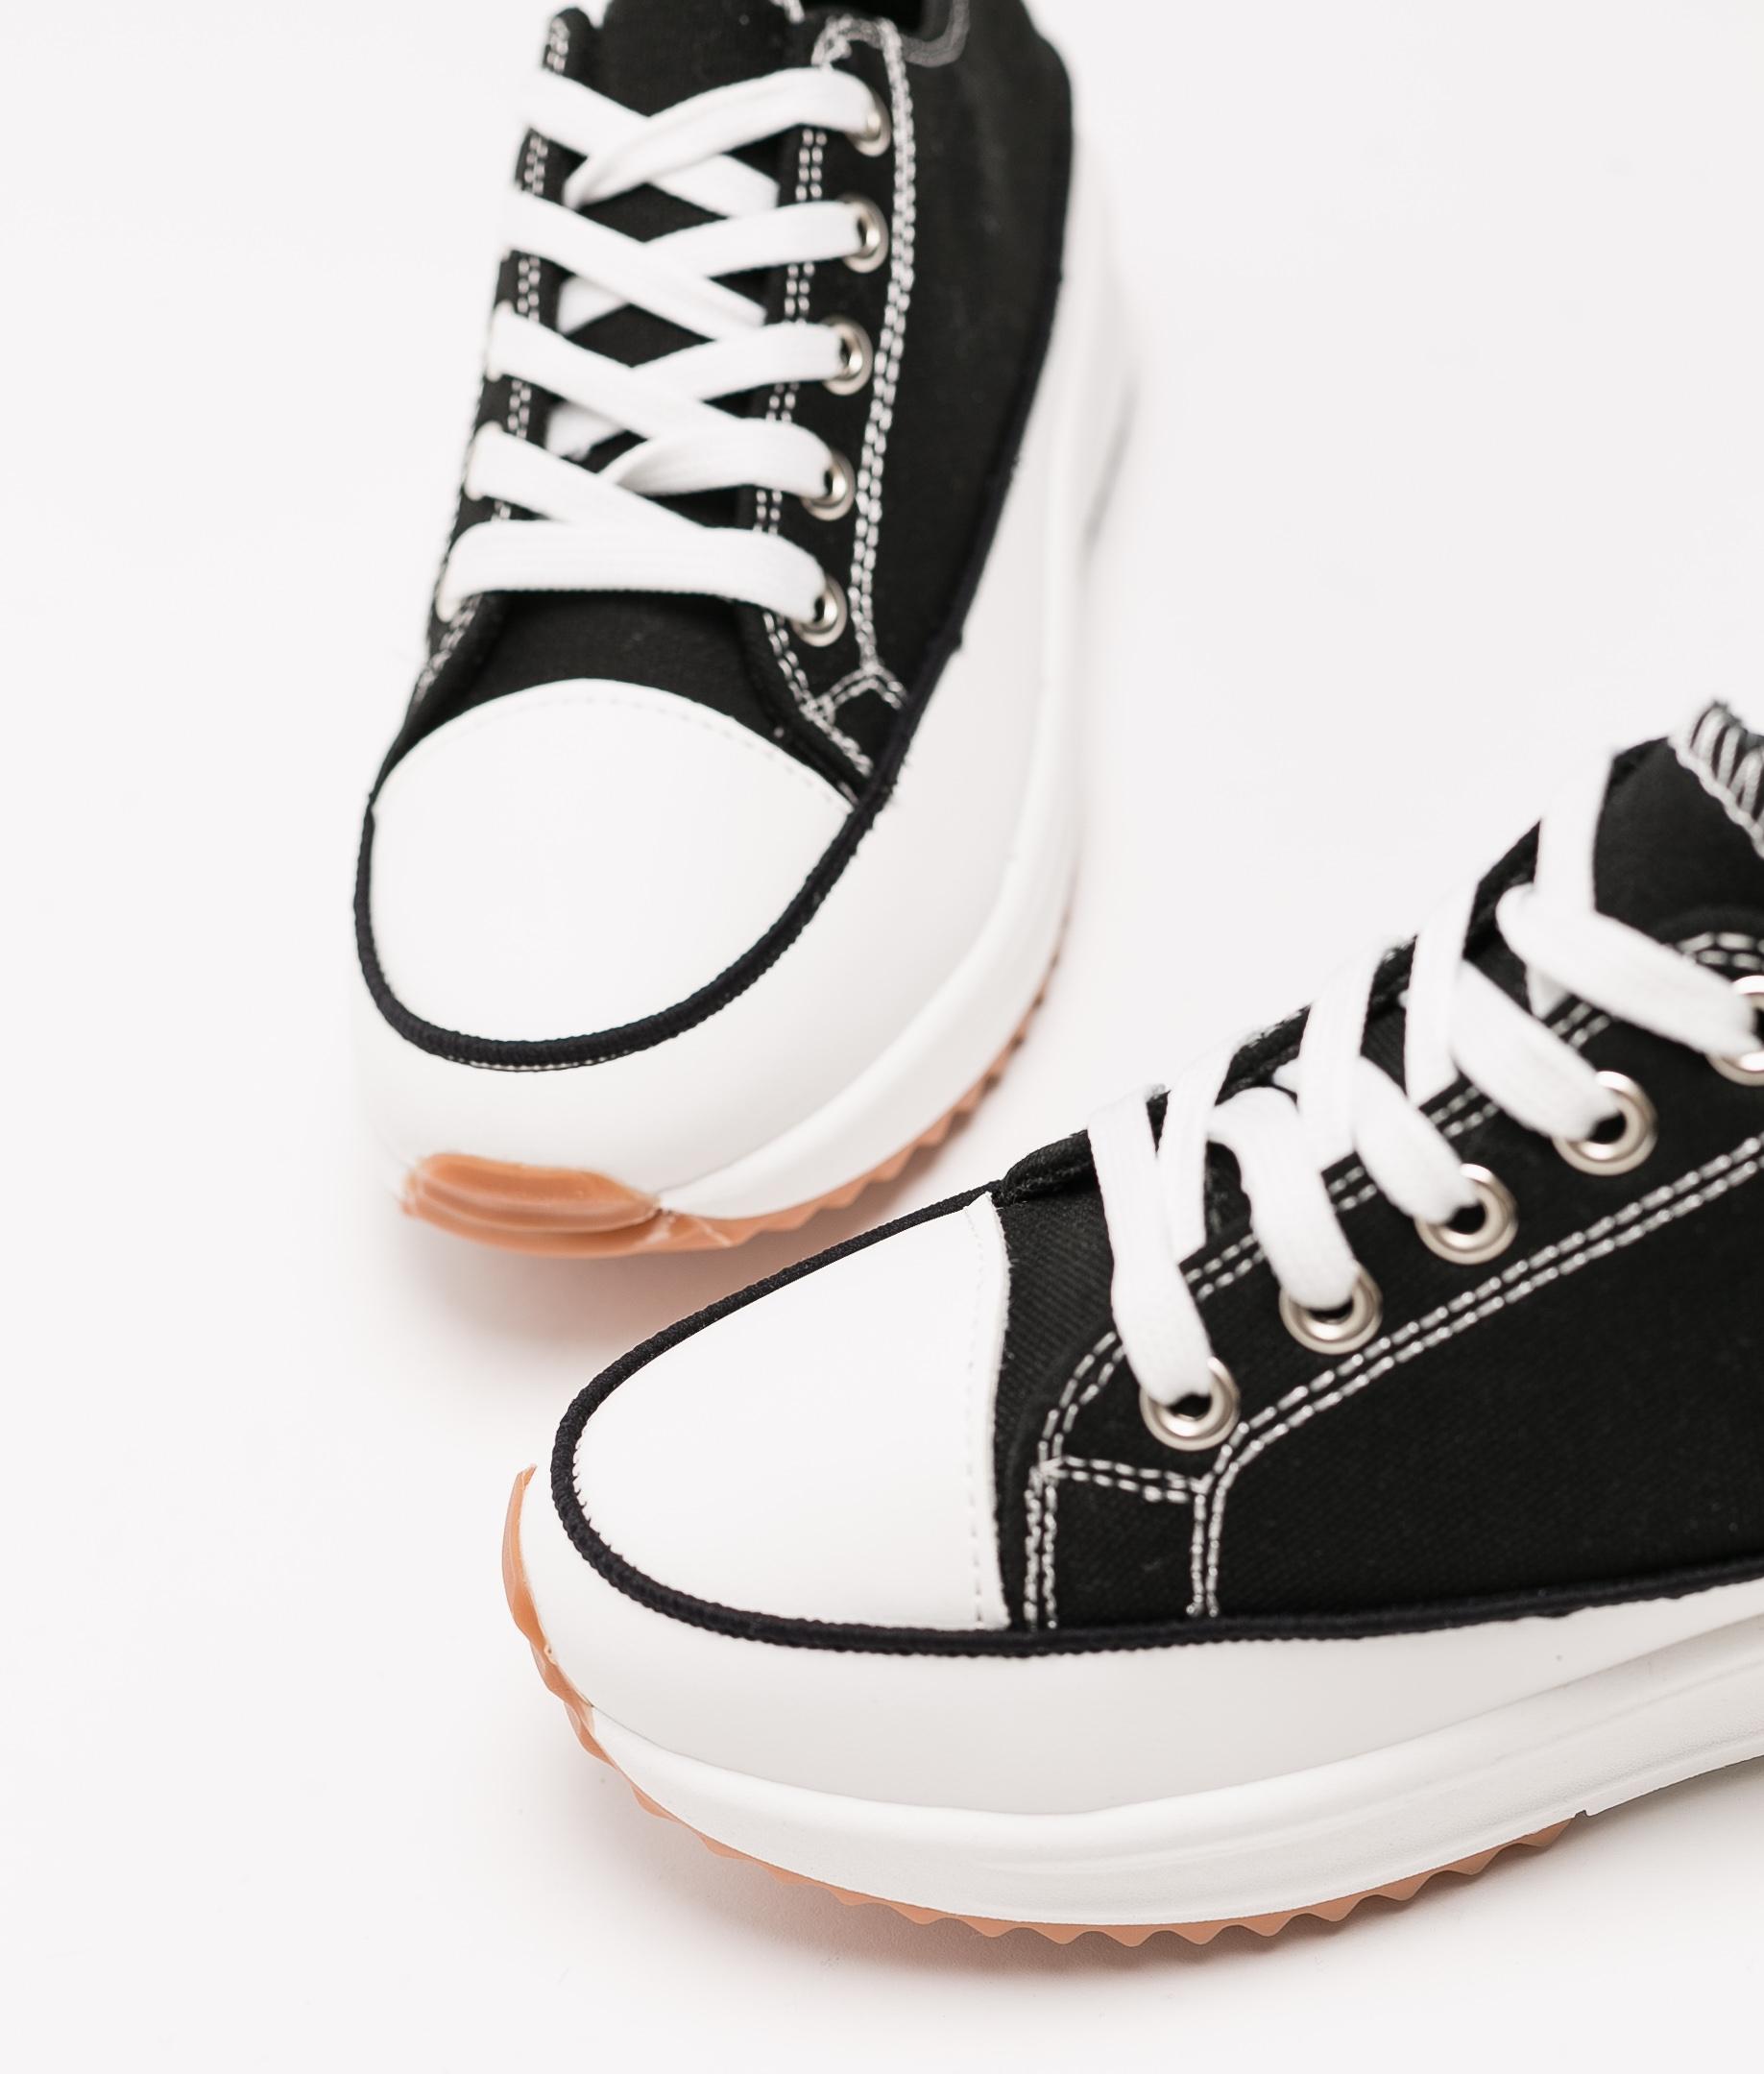 Sneakers Klun - Preto